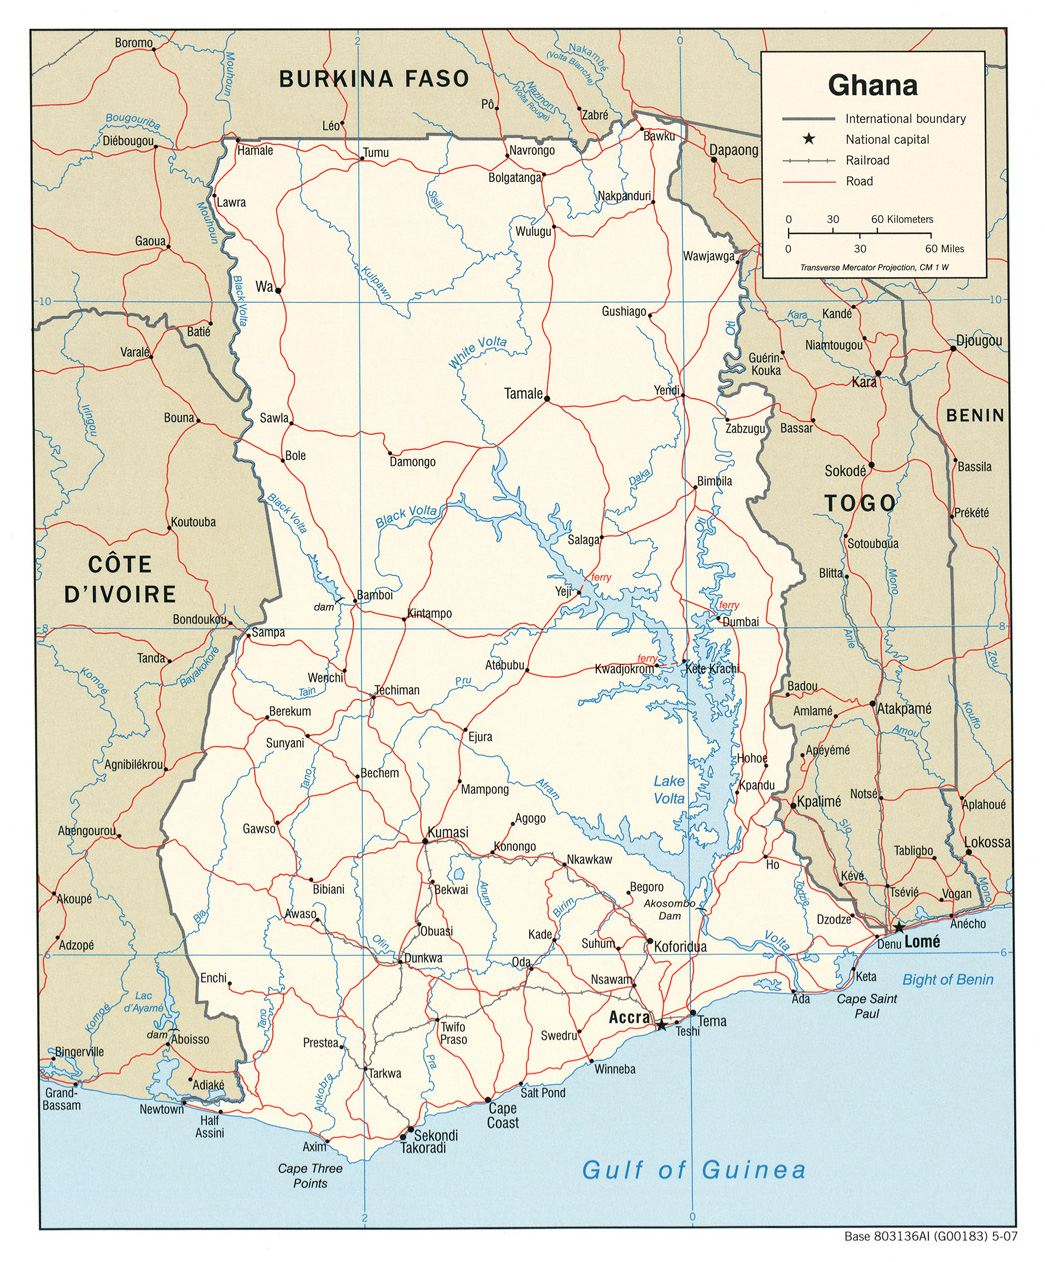 Ghana - Maps - ecoi.net